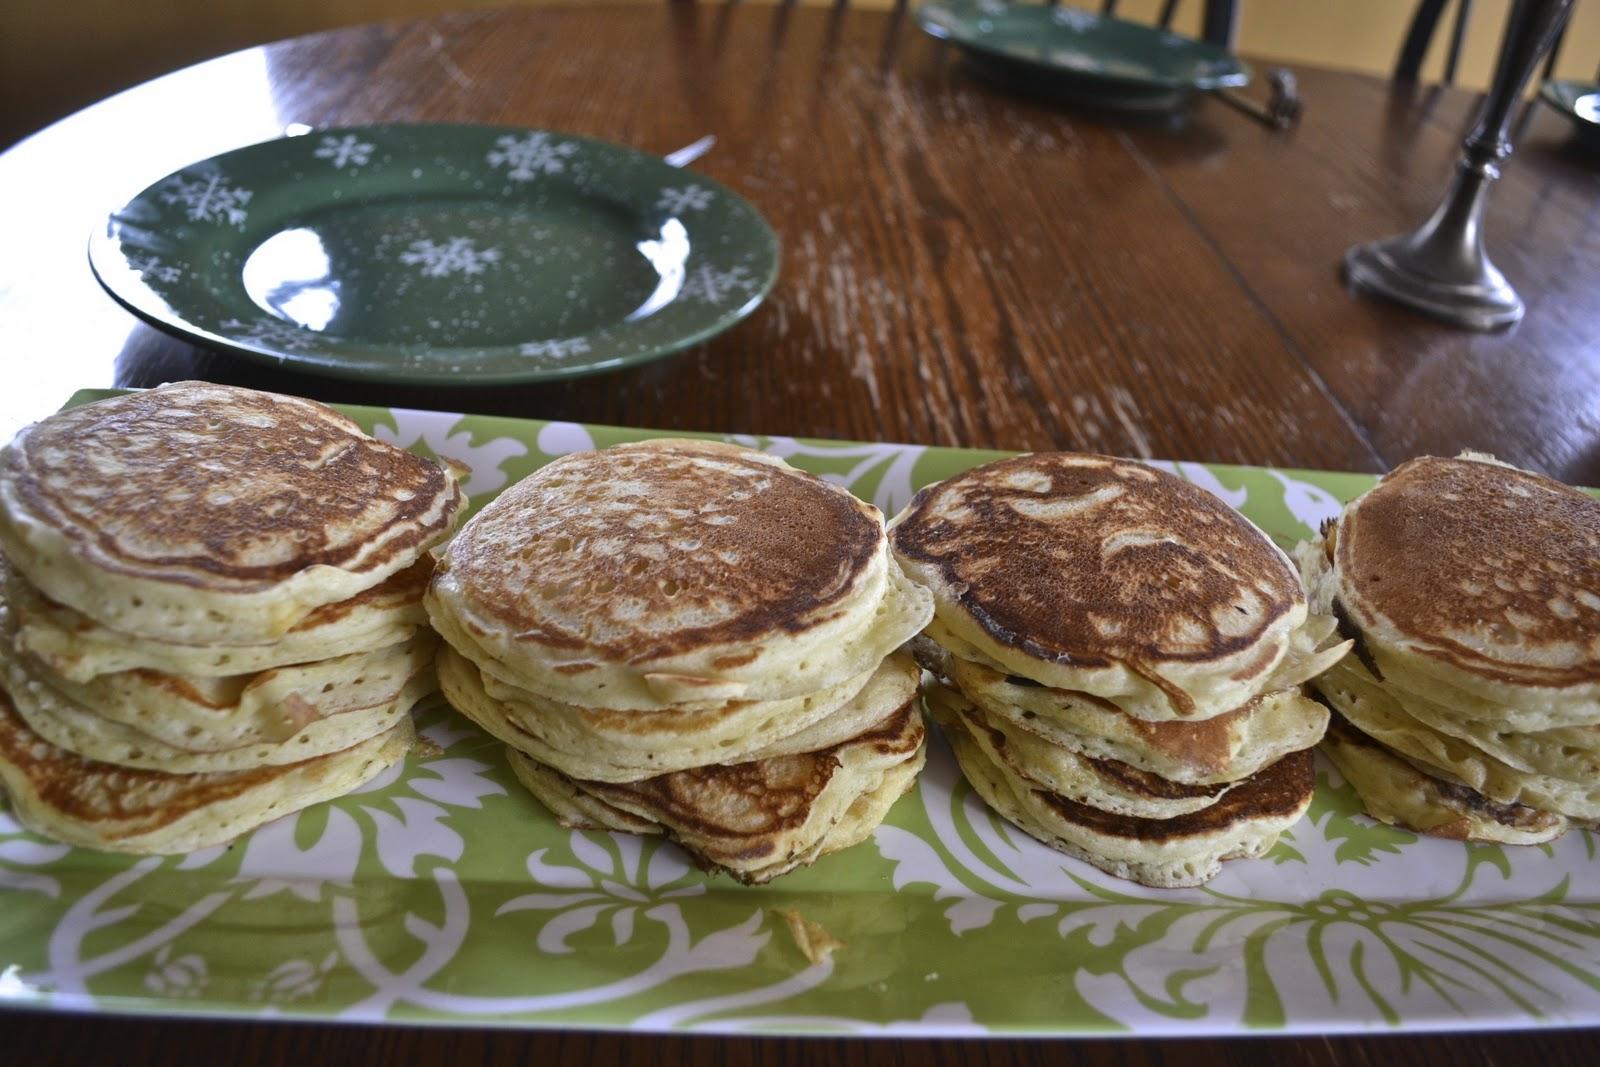 Get Pancake Recipe For One Food.com Pics